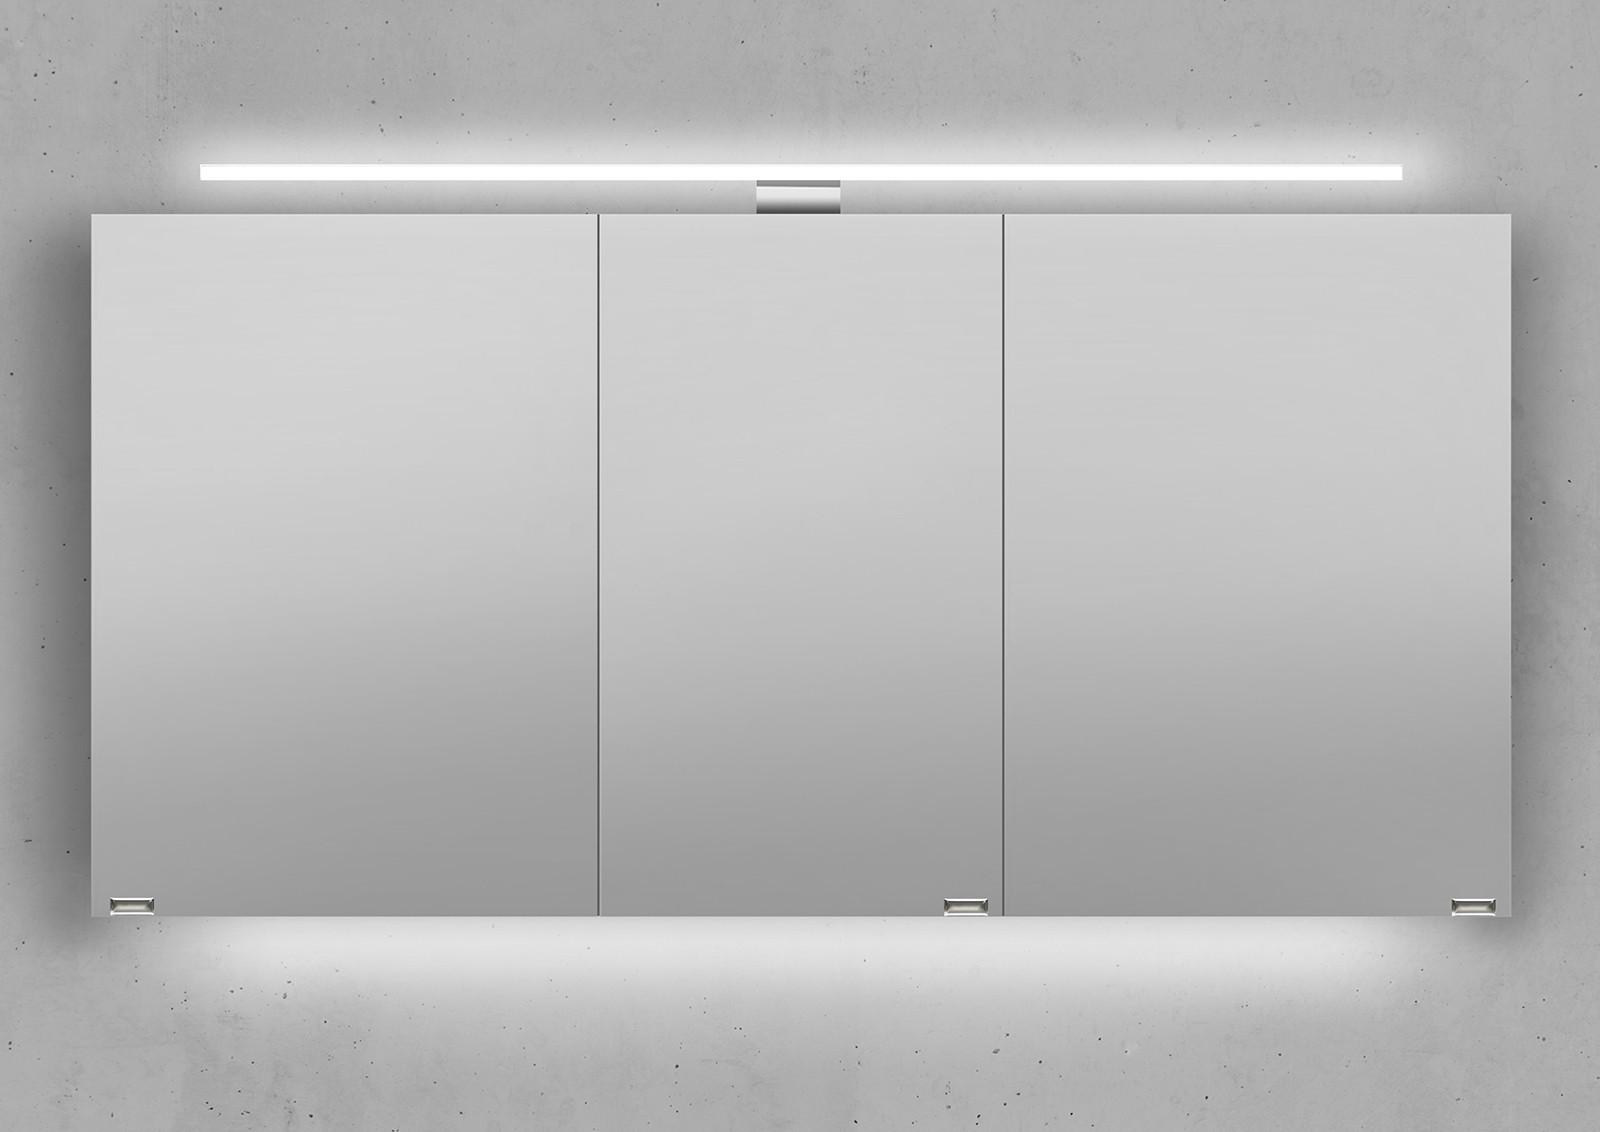 spiegelschrank 140 cm led beleuchtung doppelseitig verspiegelt. Black Bedroom Furniture Sets. Home Design Ideas